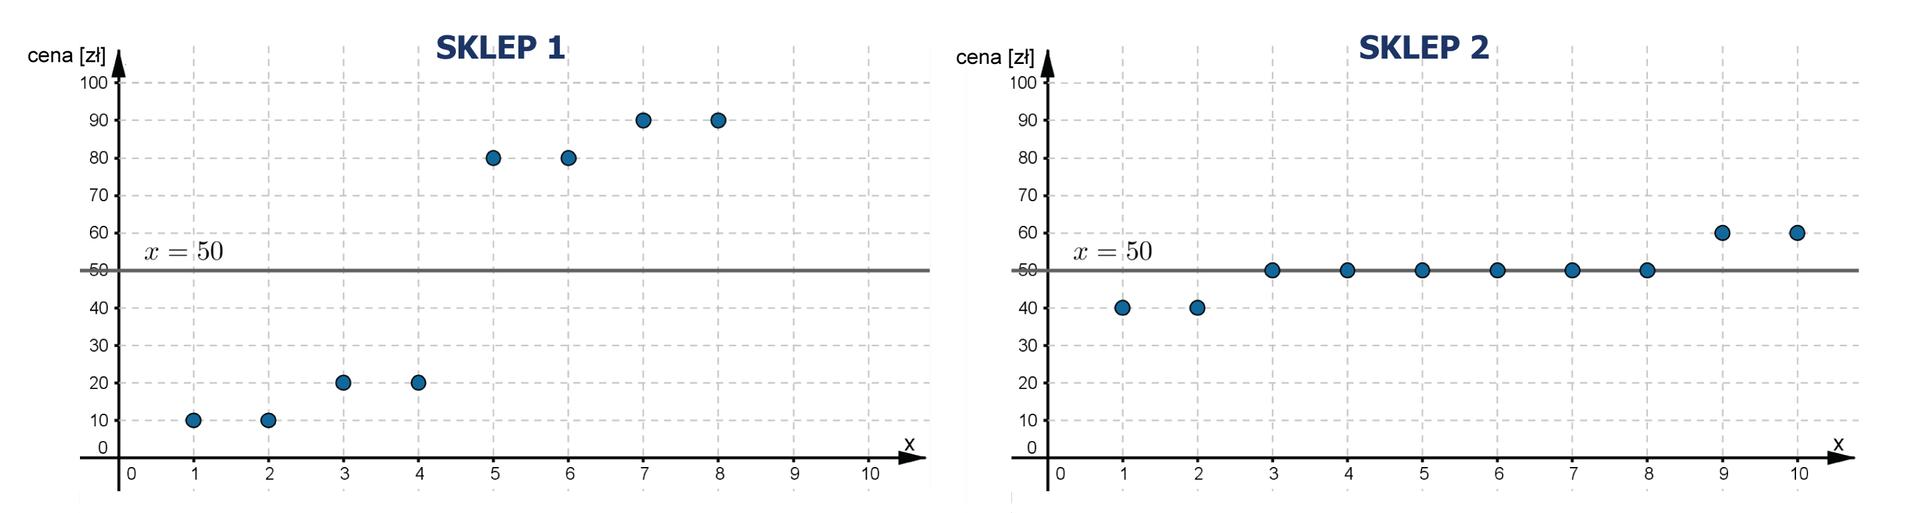 Wykresy wpostaci punktów, zktórych odczytujemy cenę kolejno sprzedawanych bluzek wrozbiciu na sklepy. Na obu wykresach poprowadzona prosta dla średniej ceny bluzek – 50 zł. Sklep 1 Bluzka 1 – cena 10 zł, bluzka 2 – 10 zł, bluzka 3 – 20 zł, bluzka 4 – 20 zł, bluzka 5 – 80 zł, bluzka 6 – 80 zł, bluzka 7 – 90 zł, bluzka 8 – 90 zł. Sklep 2 Bluzka 1 – cena 40 zł, bluzka 2 – 40 zł, bluzka 3 – 50 zł, bluzka 4 – 50 zł, bluzka 5 – 50 zł, bluzka 6 – 50 zł, bluzka 7 – 50 zł, bluzka 8 – 50 zł, bluzka 9- 60 zł, bluzka 10 – 60 zł.